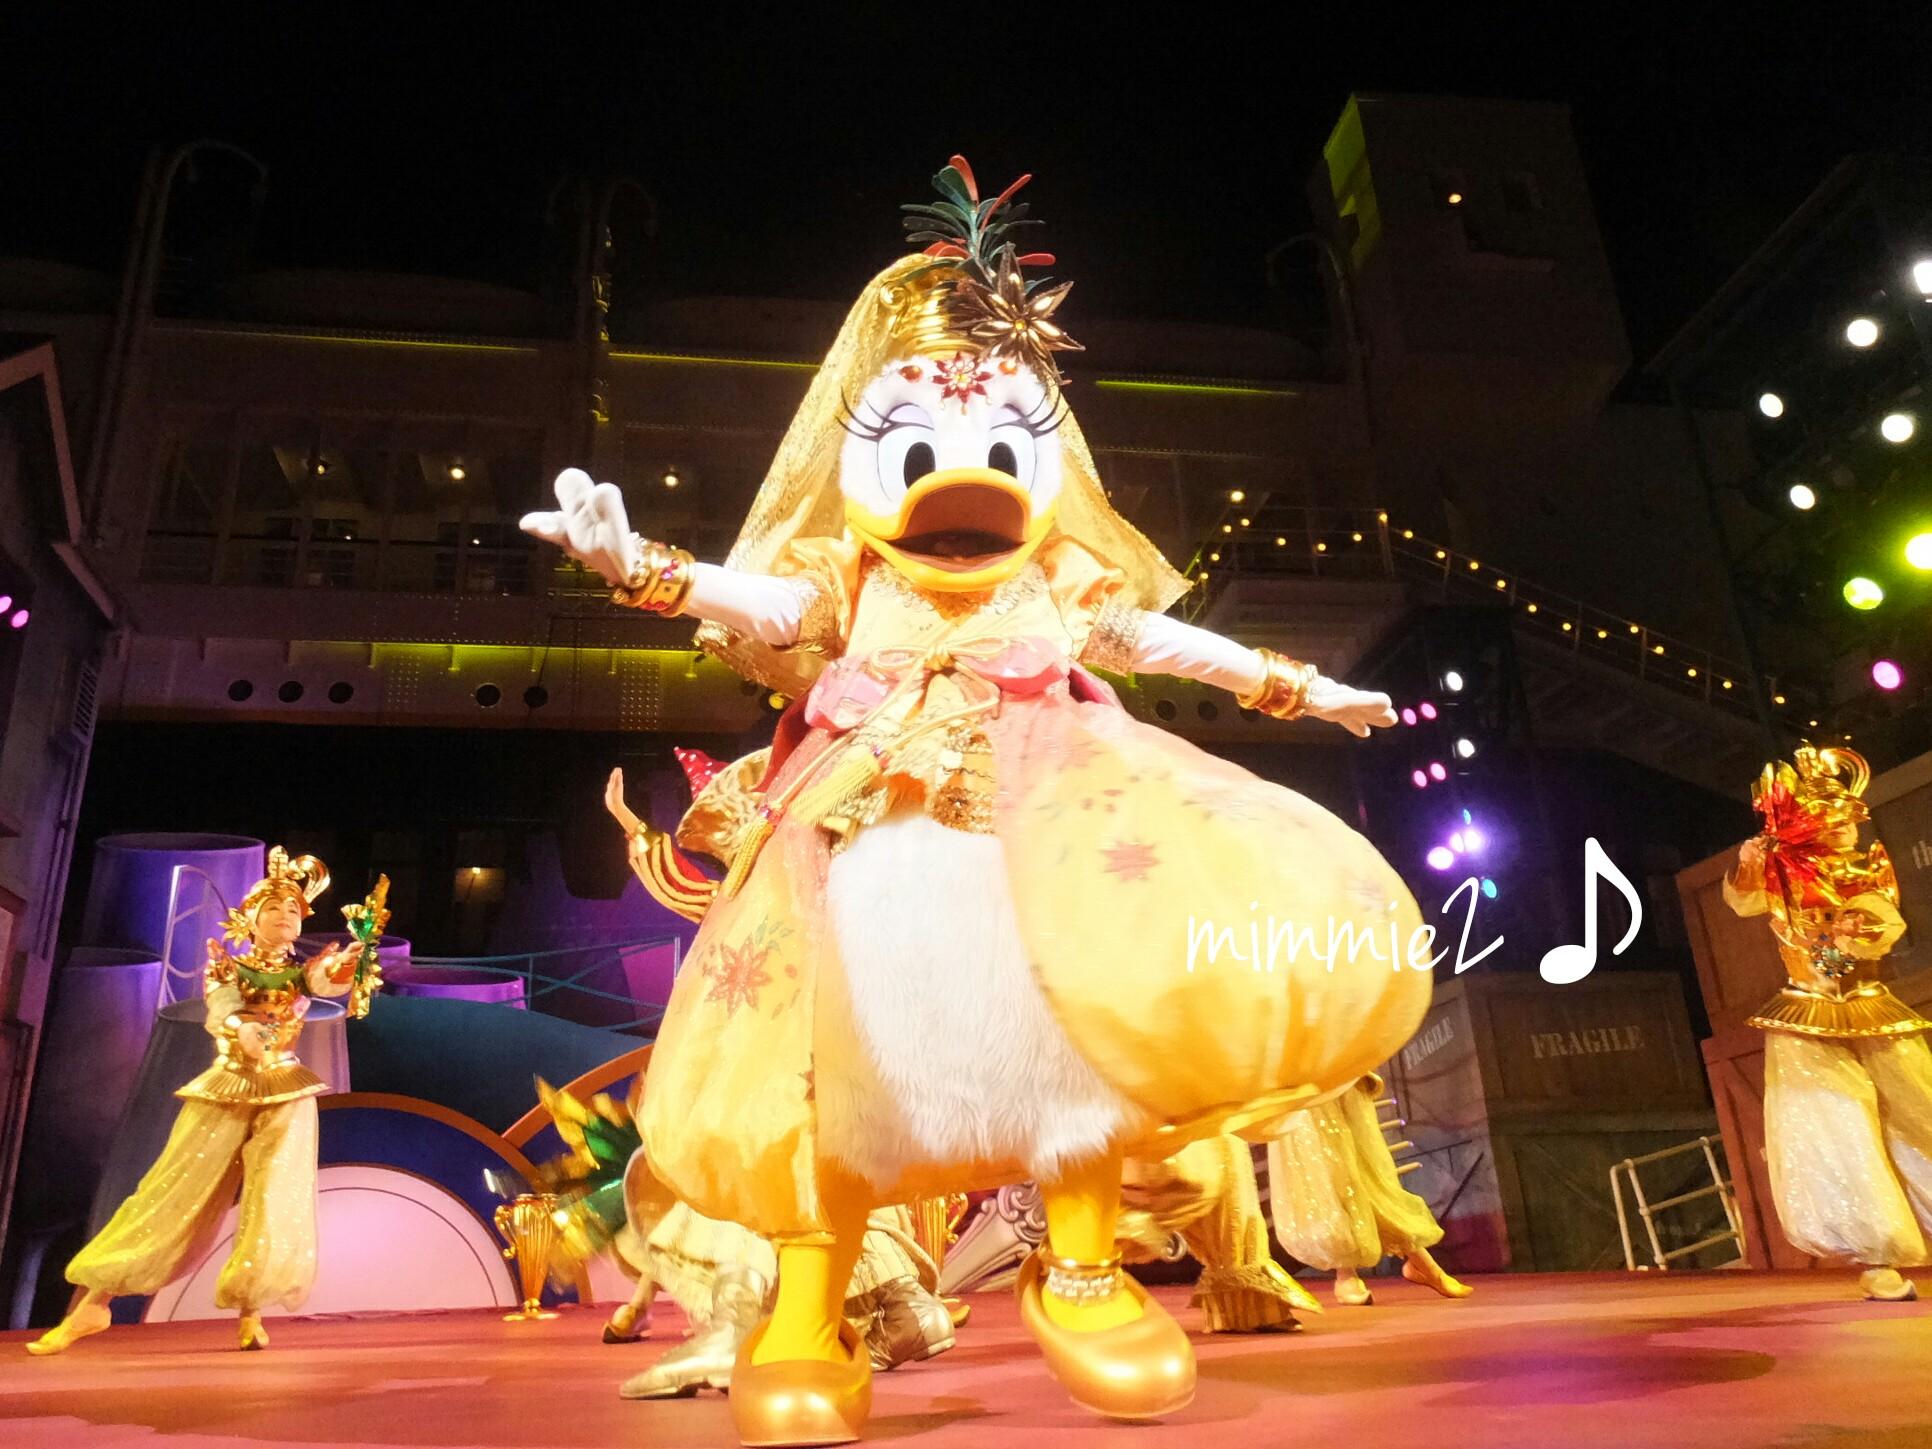 デイジー☆お誕生日おめでとう!